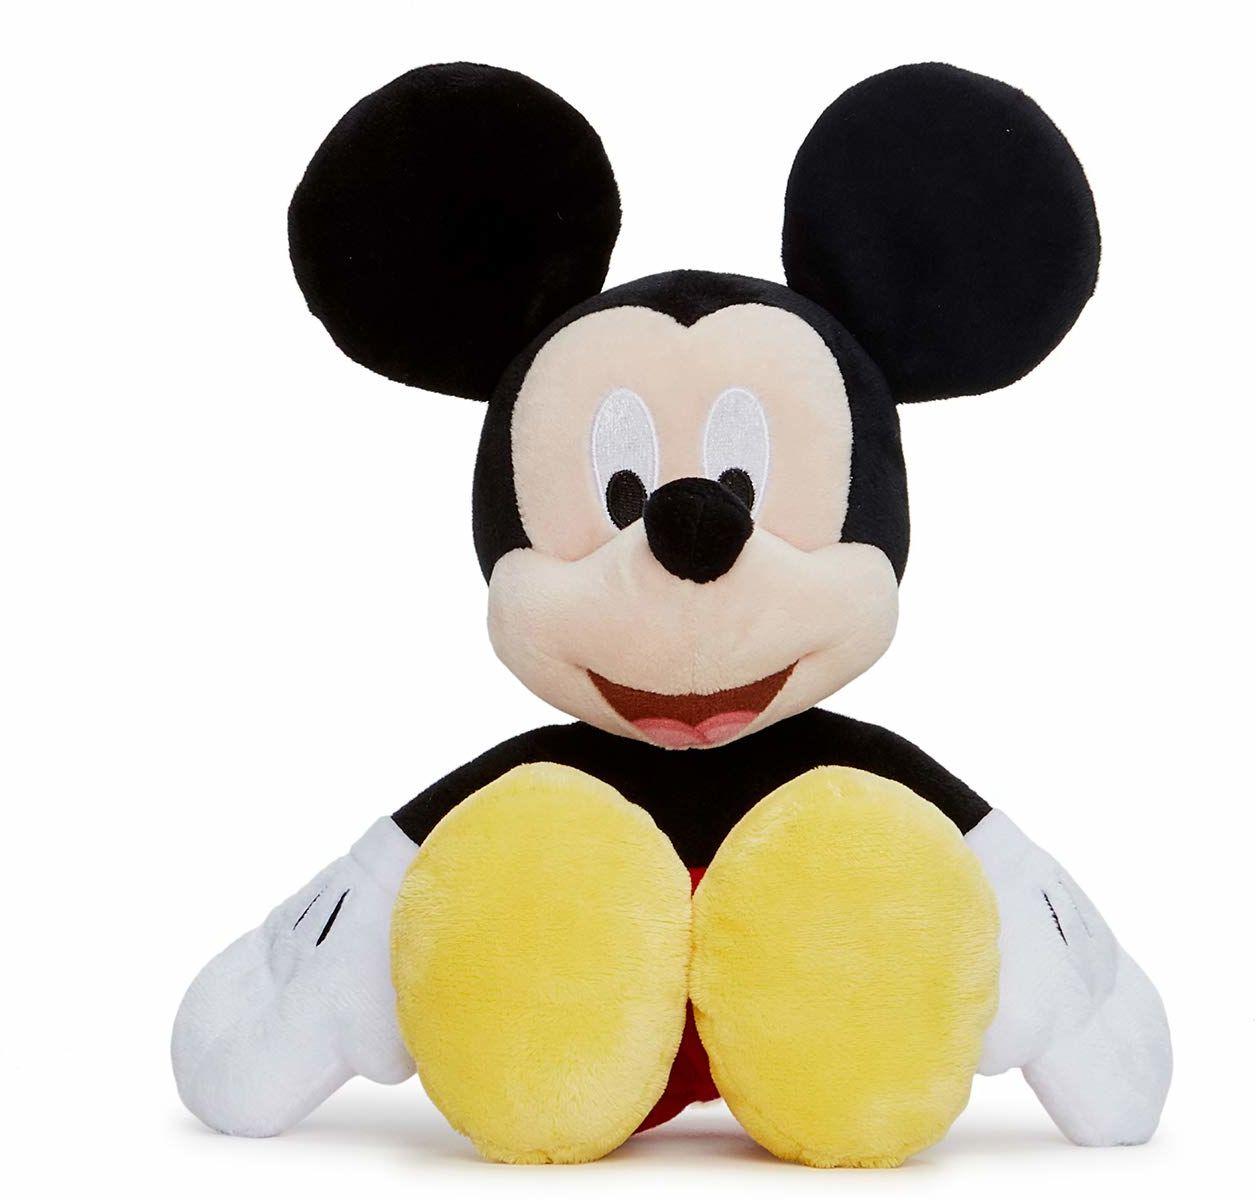 Simba 6315874842 Disney Maskotka Pluszowa Mickey 6315874842 25 Cm ,25 cm/2291620